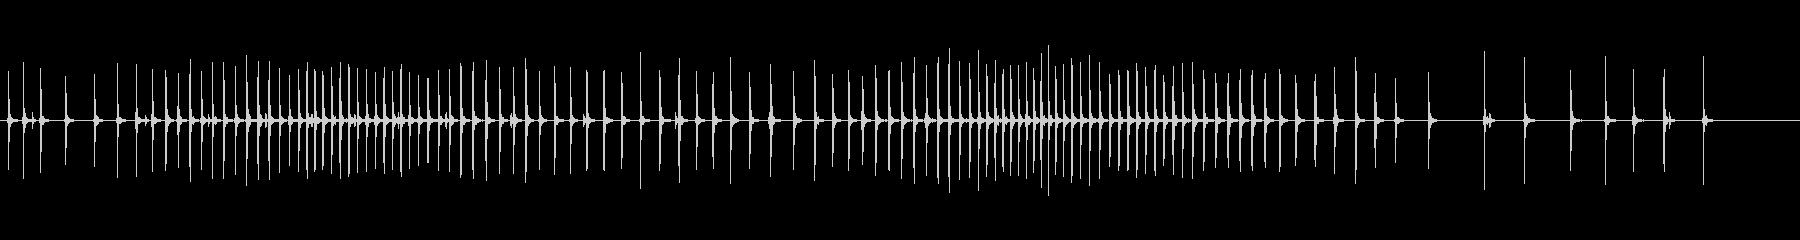 釣りリールが可変速度で巻き取られ、...の未再生の波形